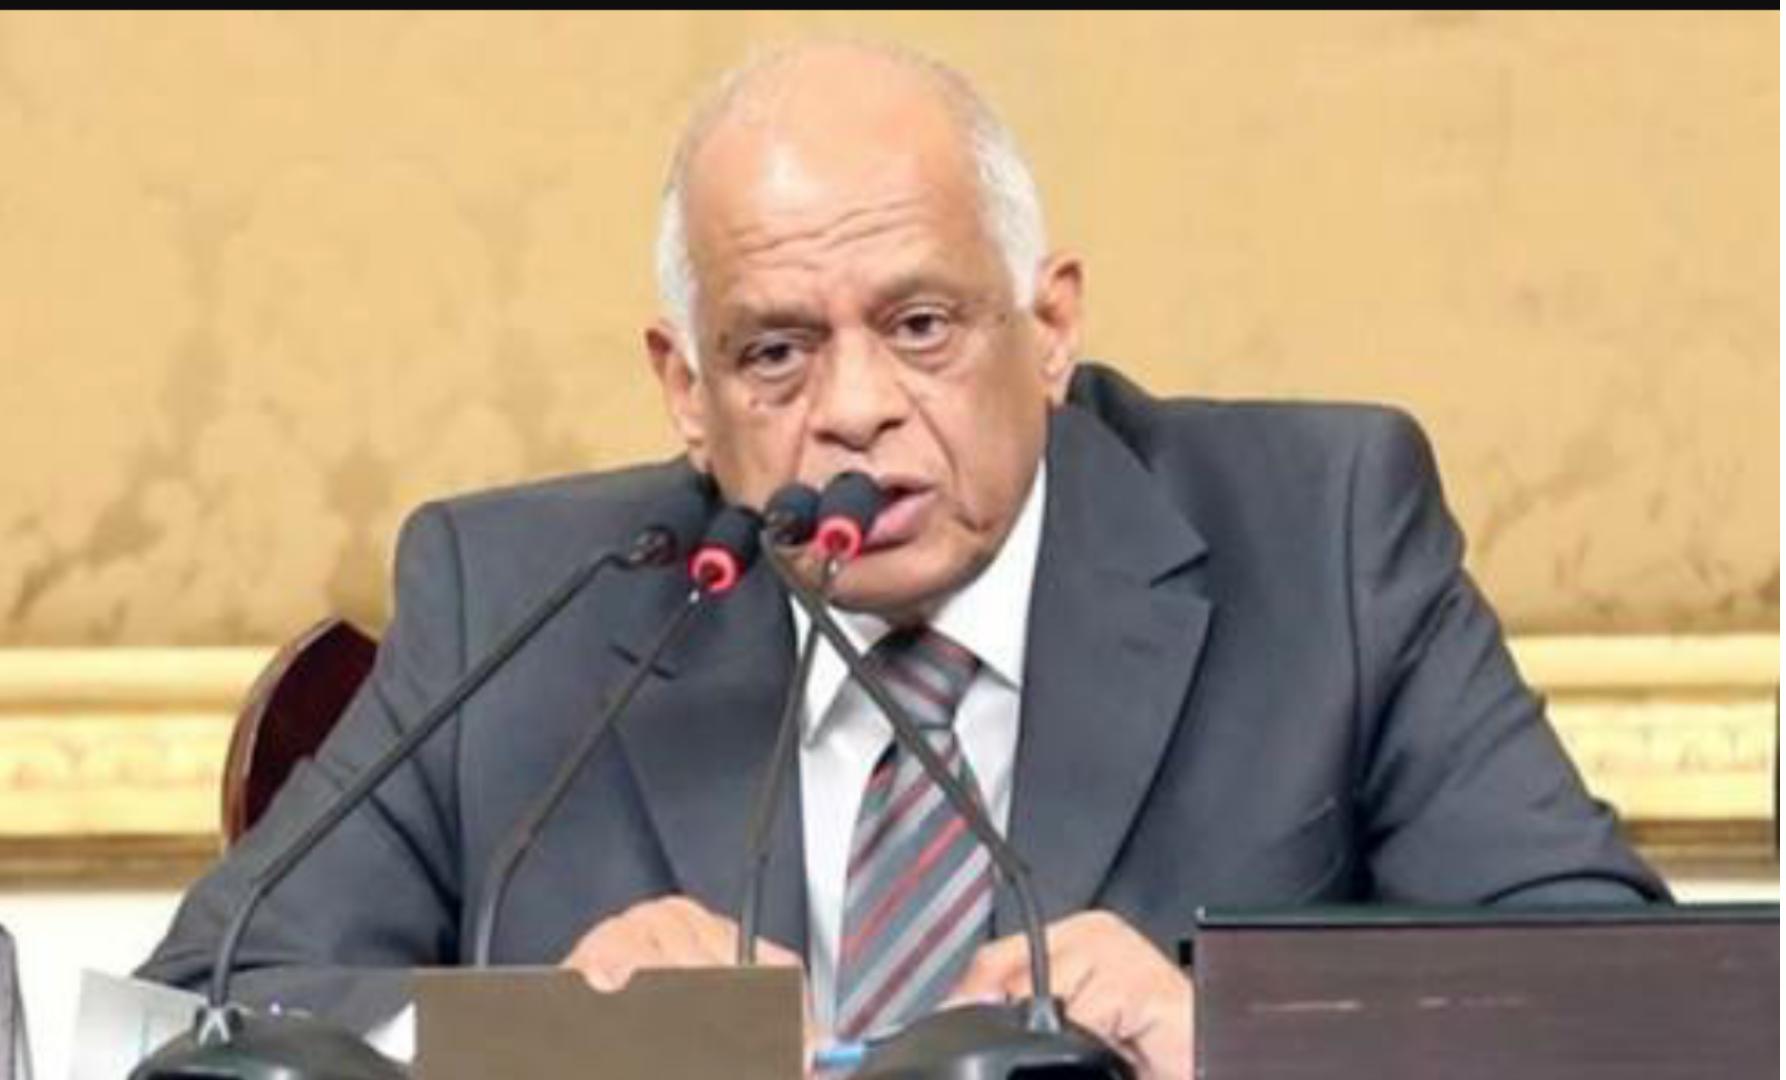 رئيس البرلمان: لا توجد نية لتصفية شركات قطاع الأعمال العام